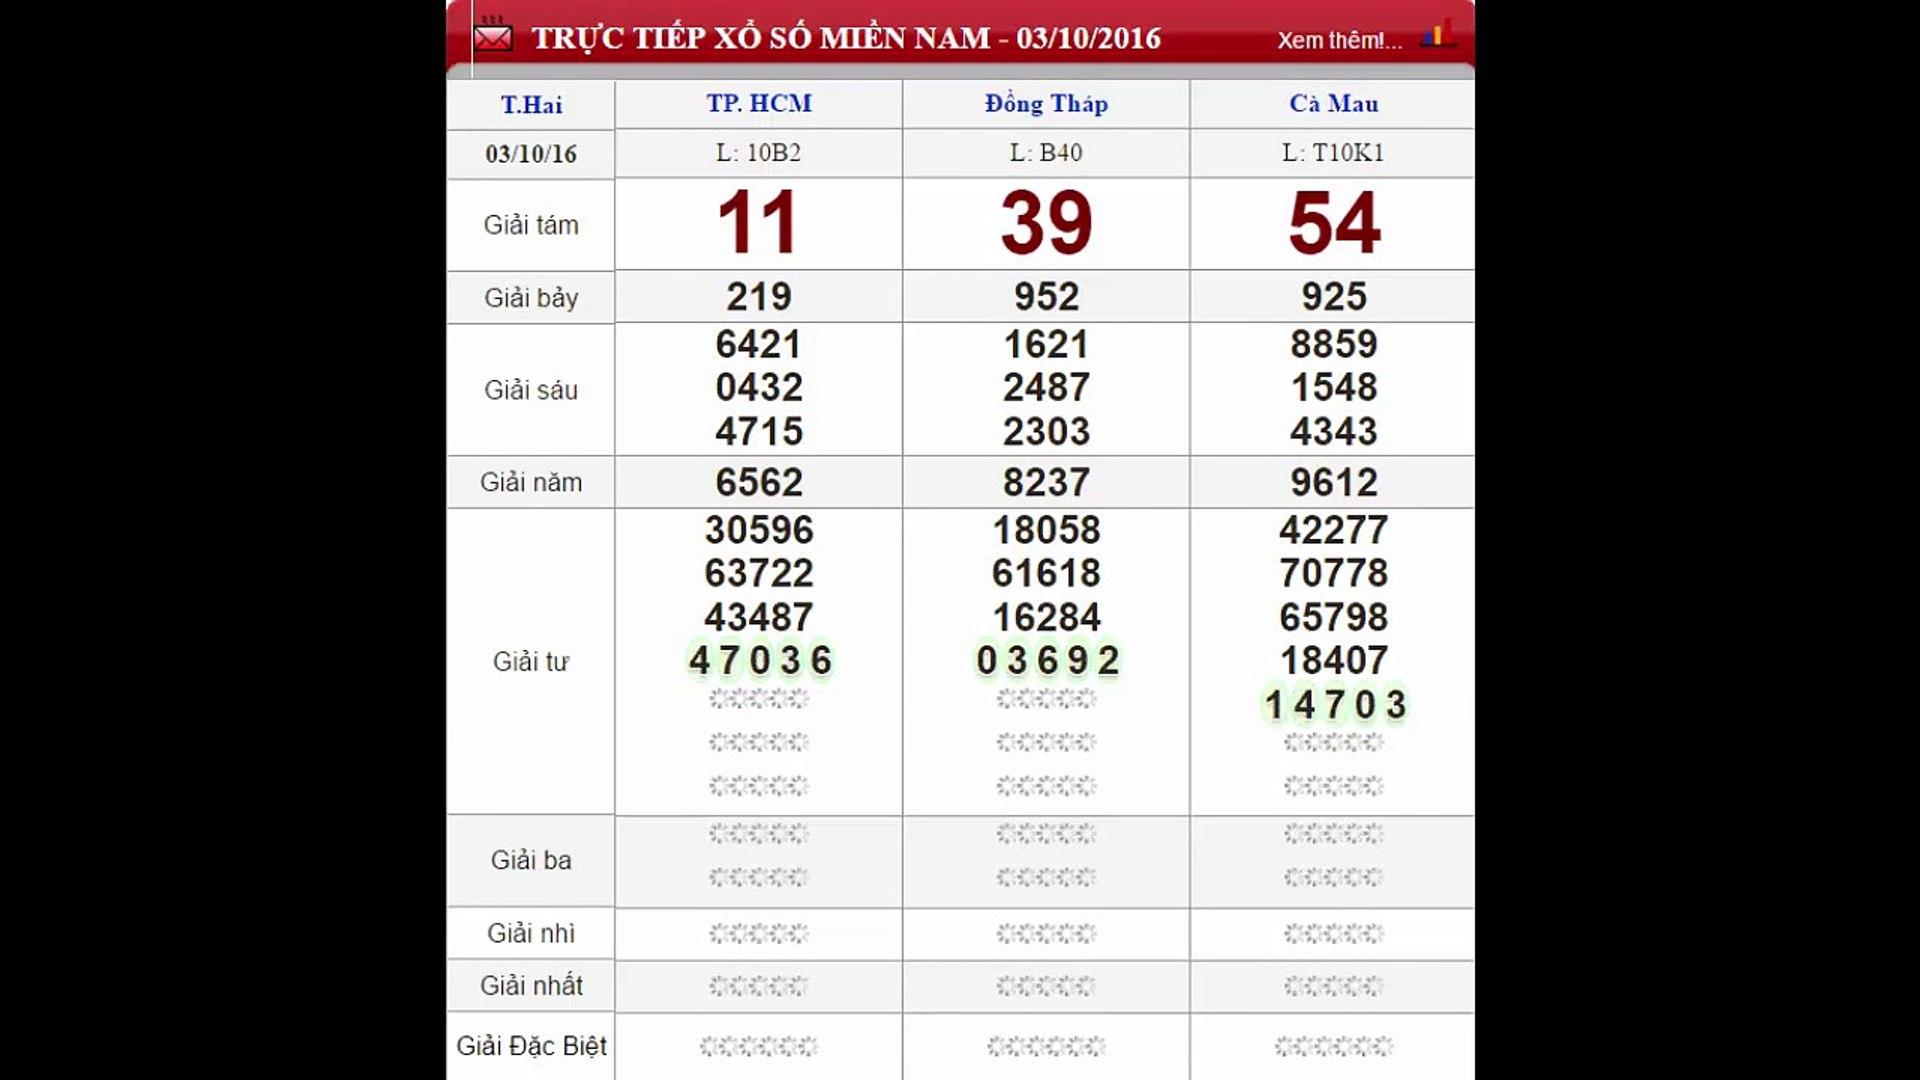 XSHCM- Trực tiếp kết quả xổ số TPHCM - Xổ số Miền Nam ngày 03-10-2016